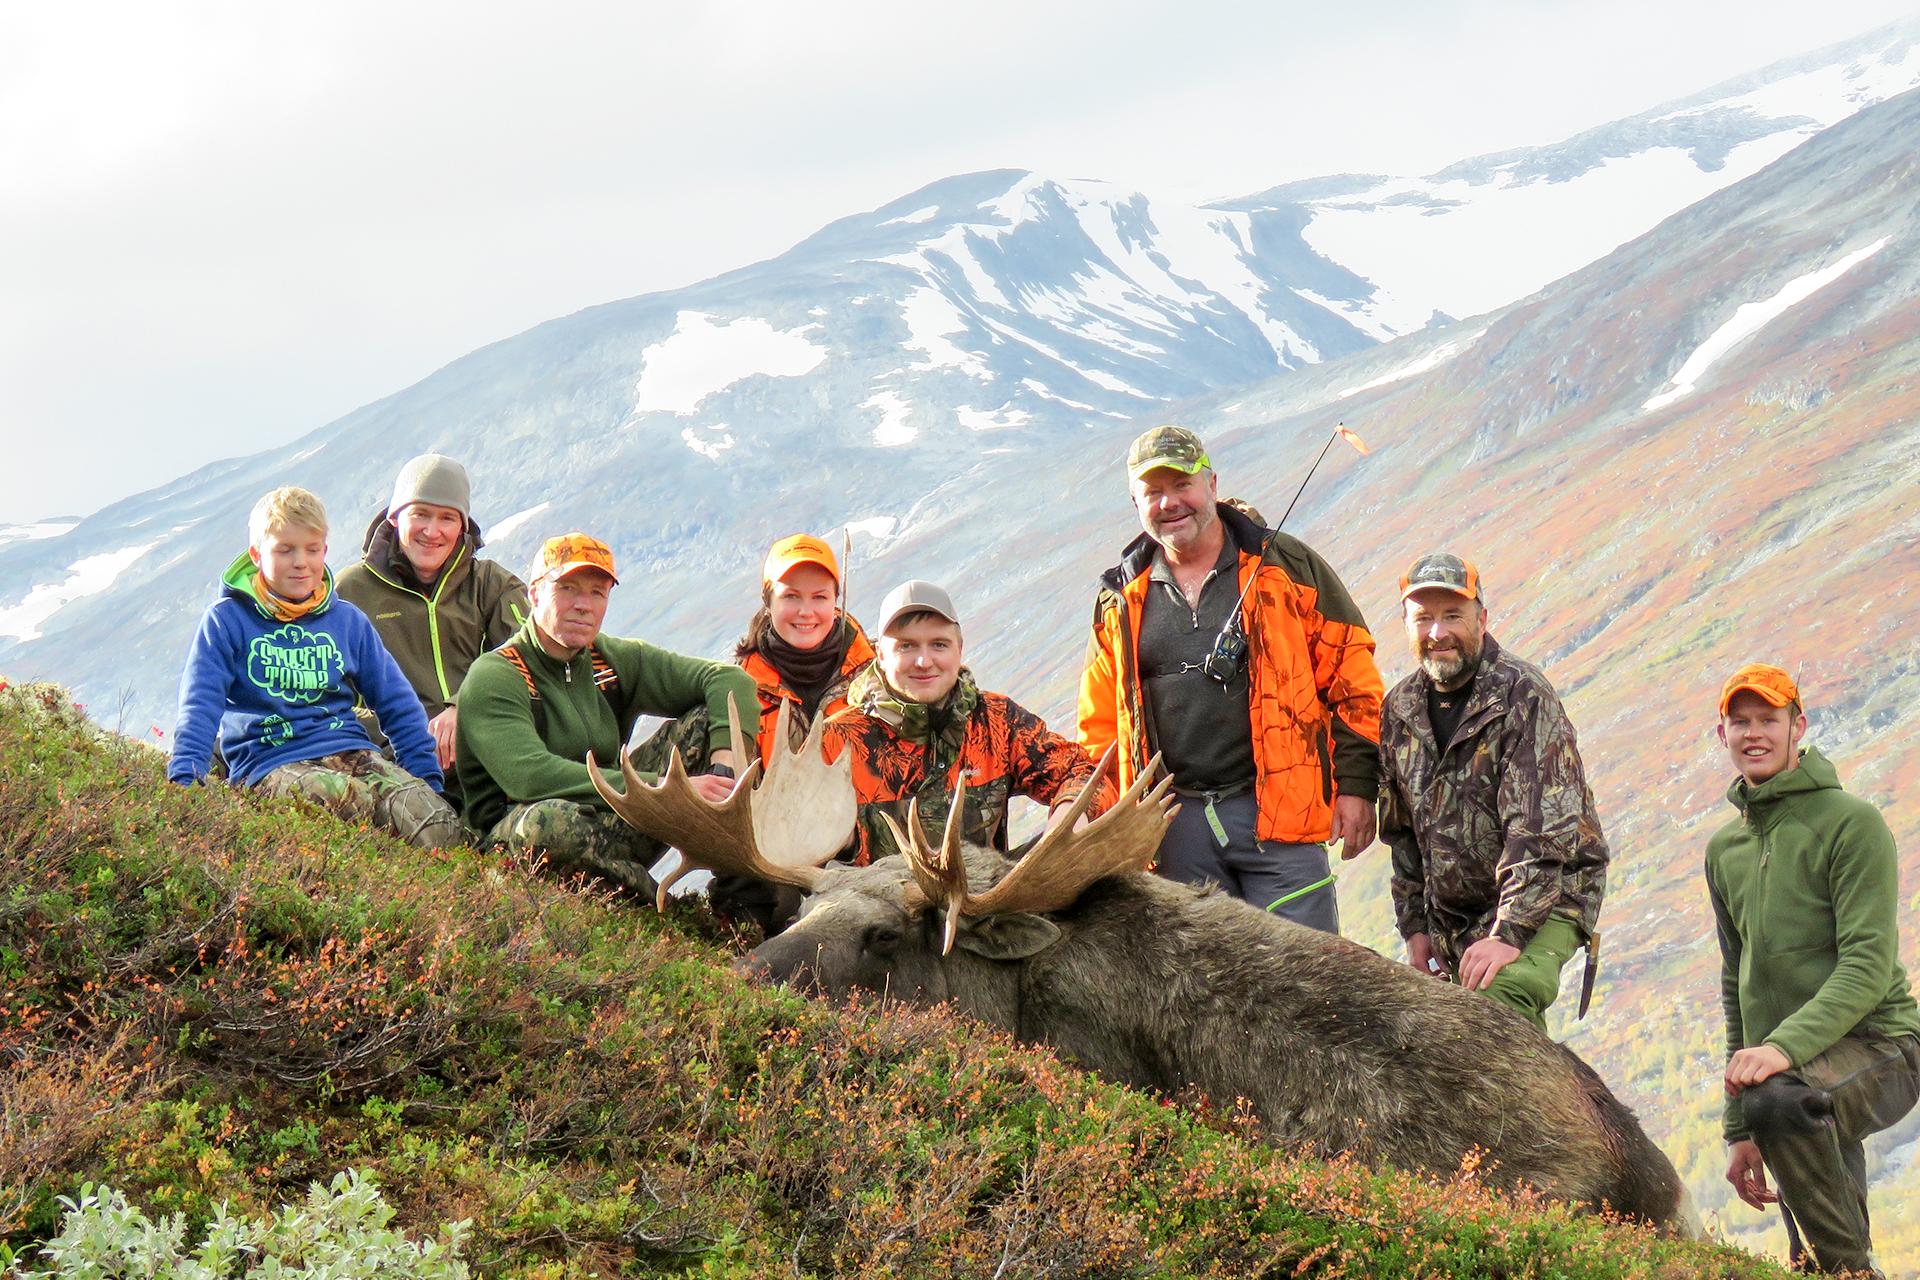 Foto: Leif Skiakers jaktlag